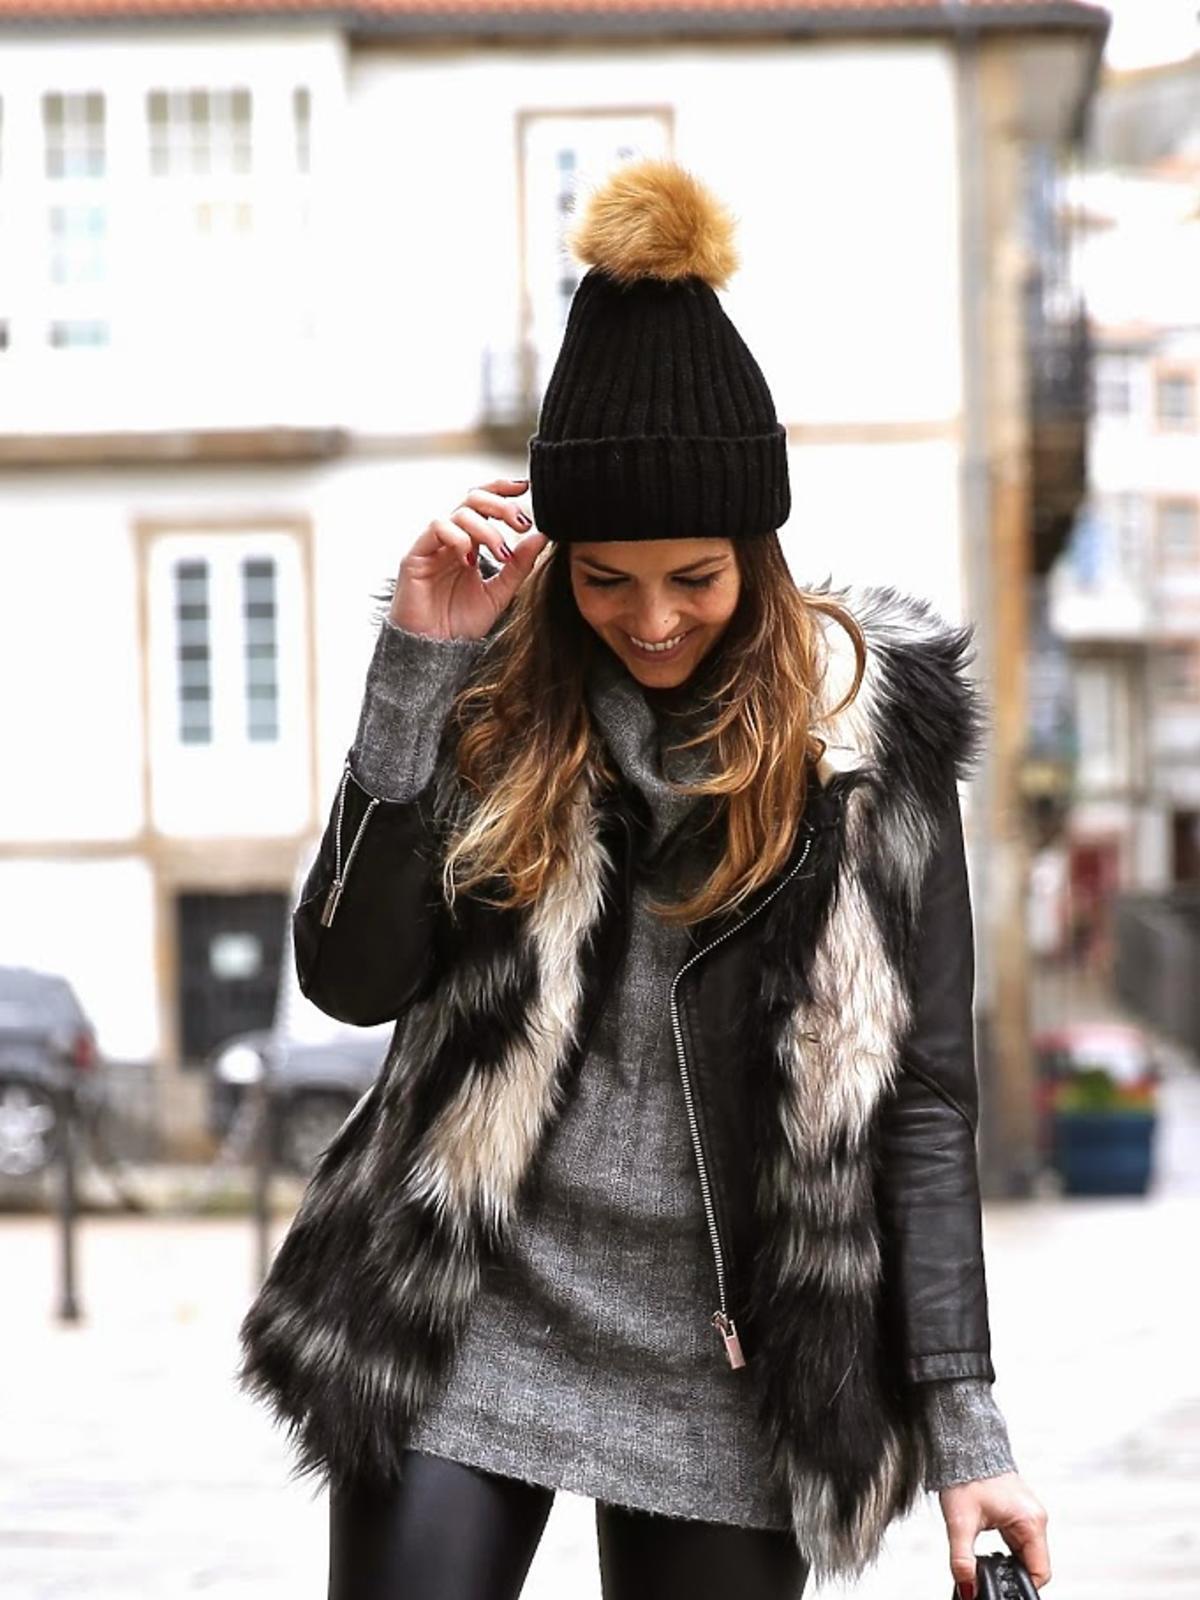 Noszenie czapki wcale nie musisz być straszne :)